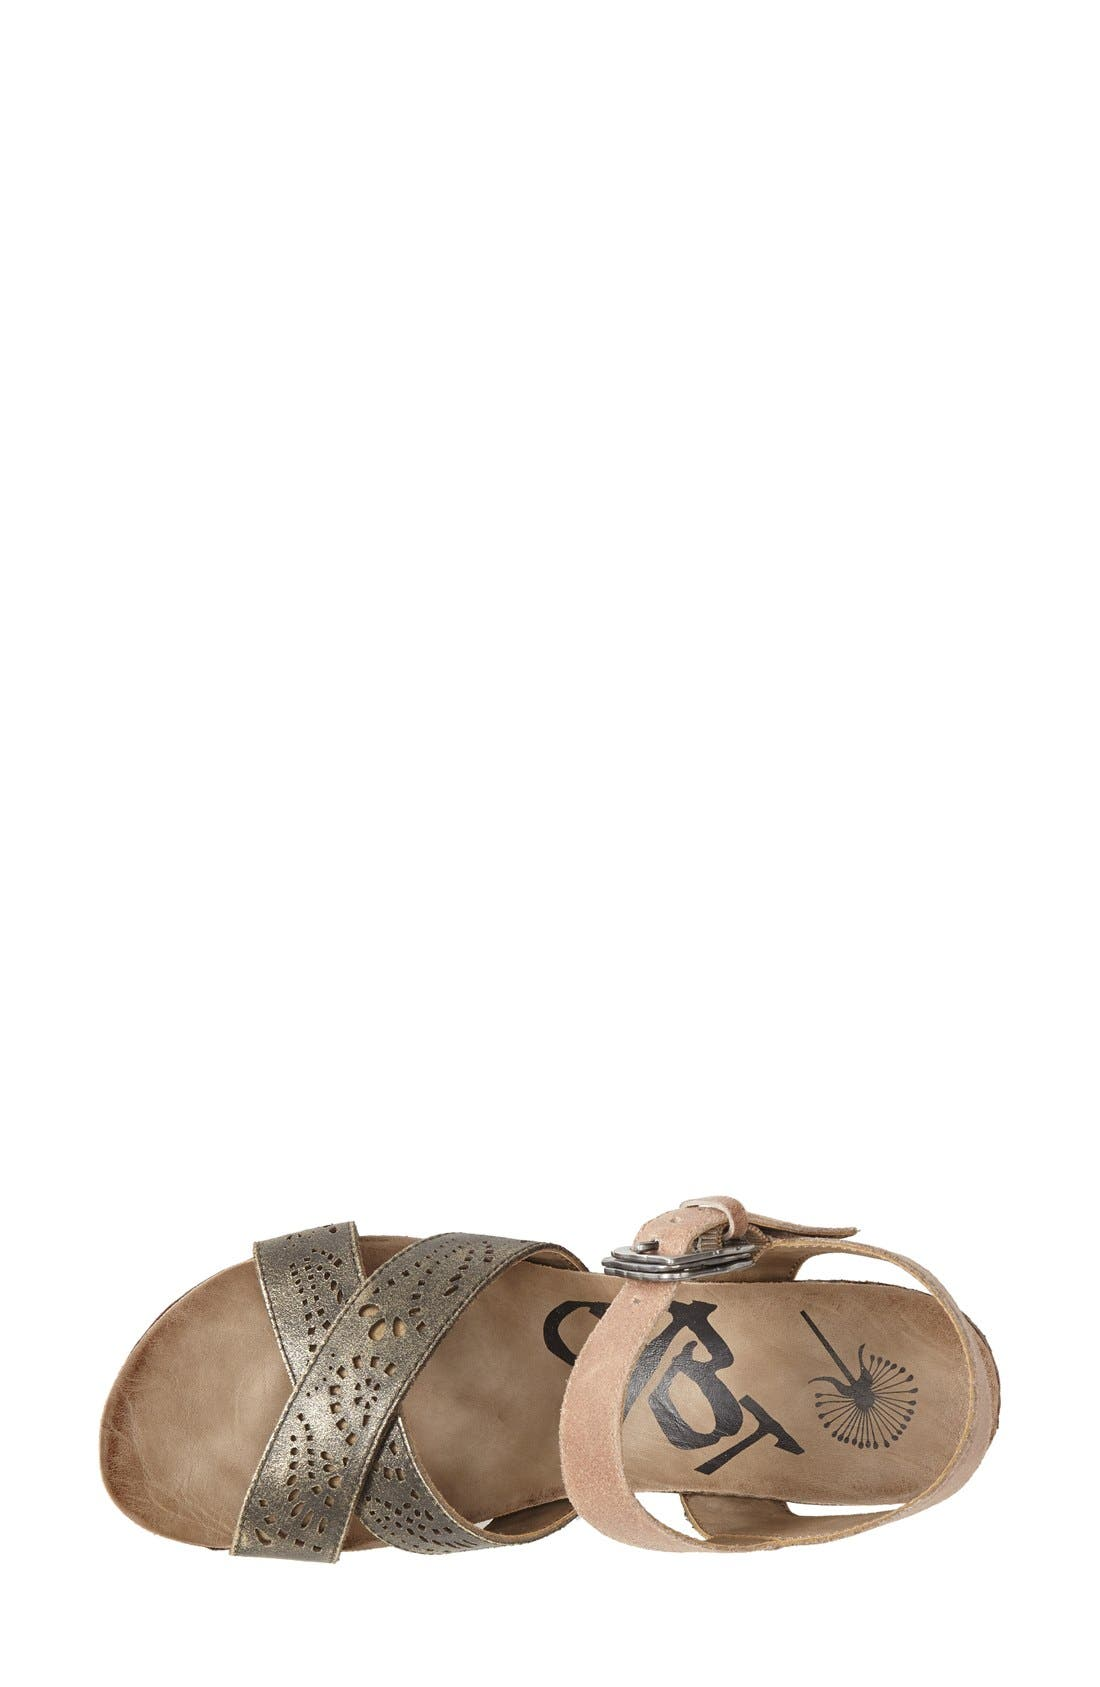 Alternate Image 3  - OTBT 'Gearhart' Sandal